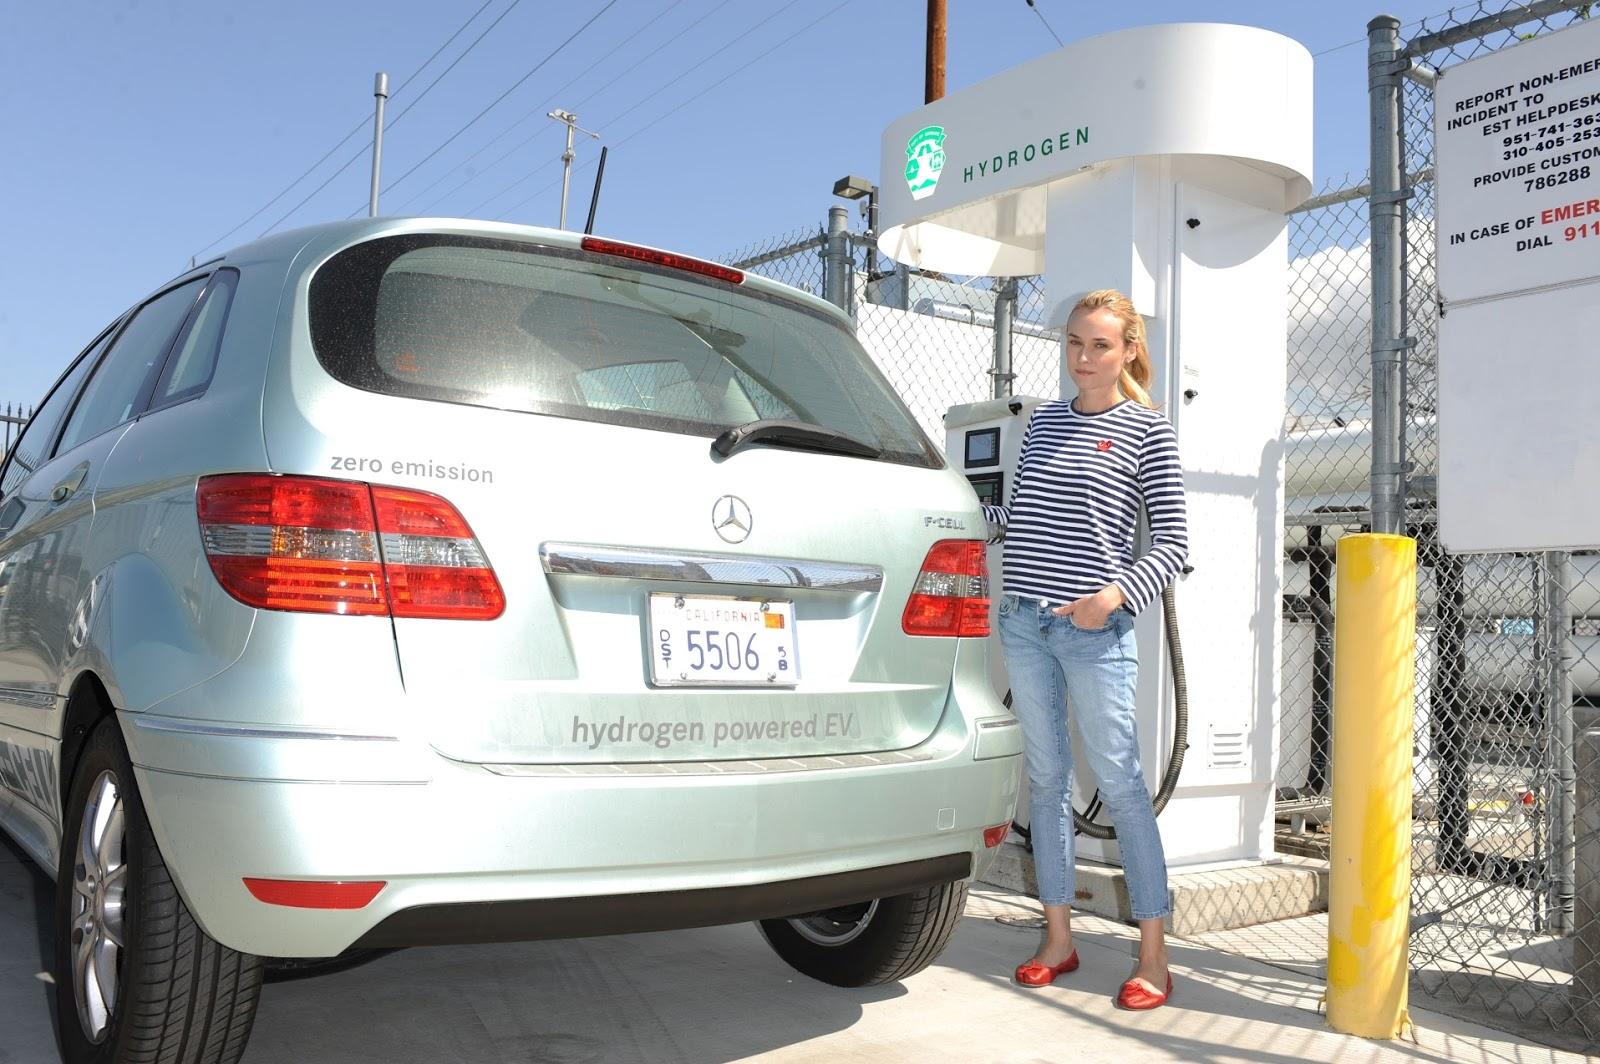 http://4.bp.blogspot.com/-o8M9Pb0Qc00/UN75PBYmXII/AAAAAAAAAIg/FzbDyla4SPE/s1600/Car+Diane+Kruger+2.JPG